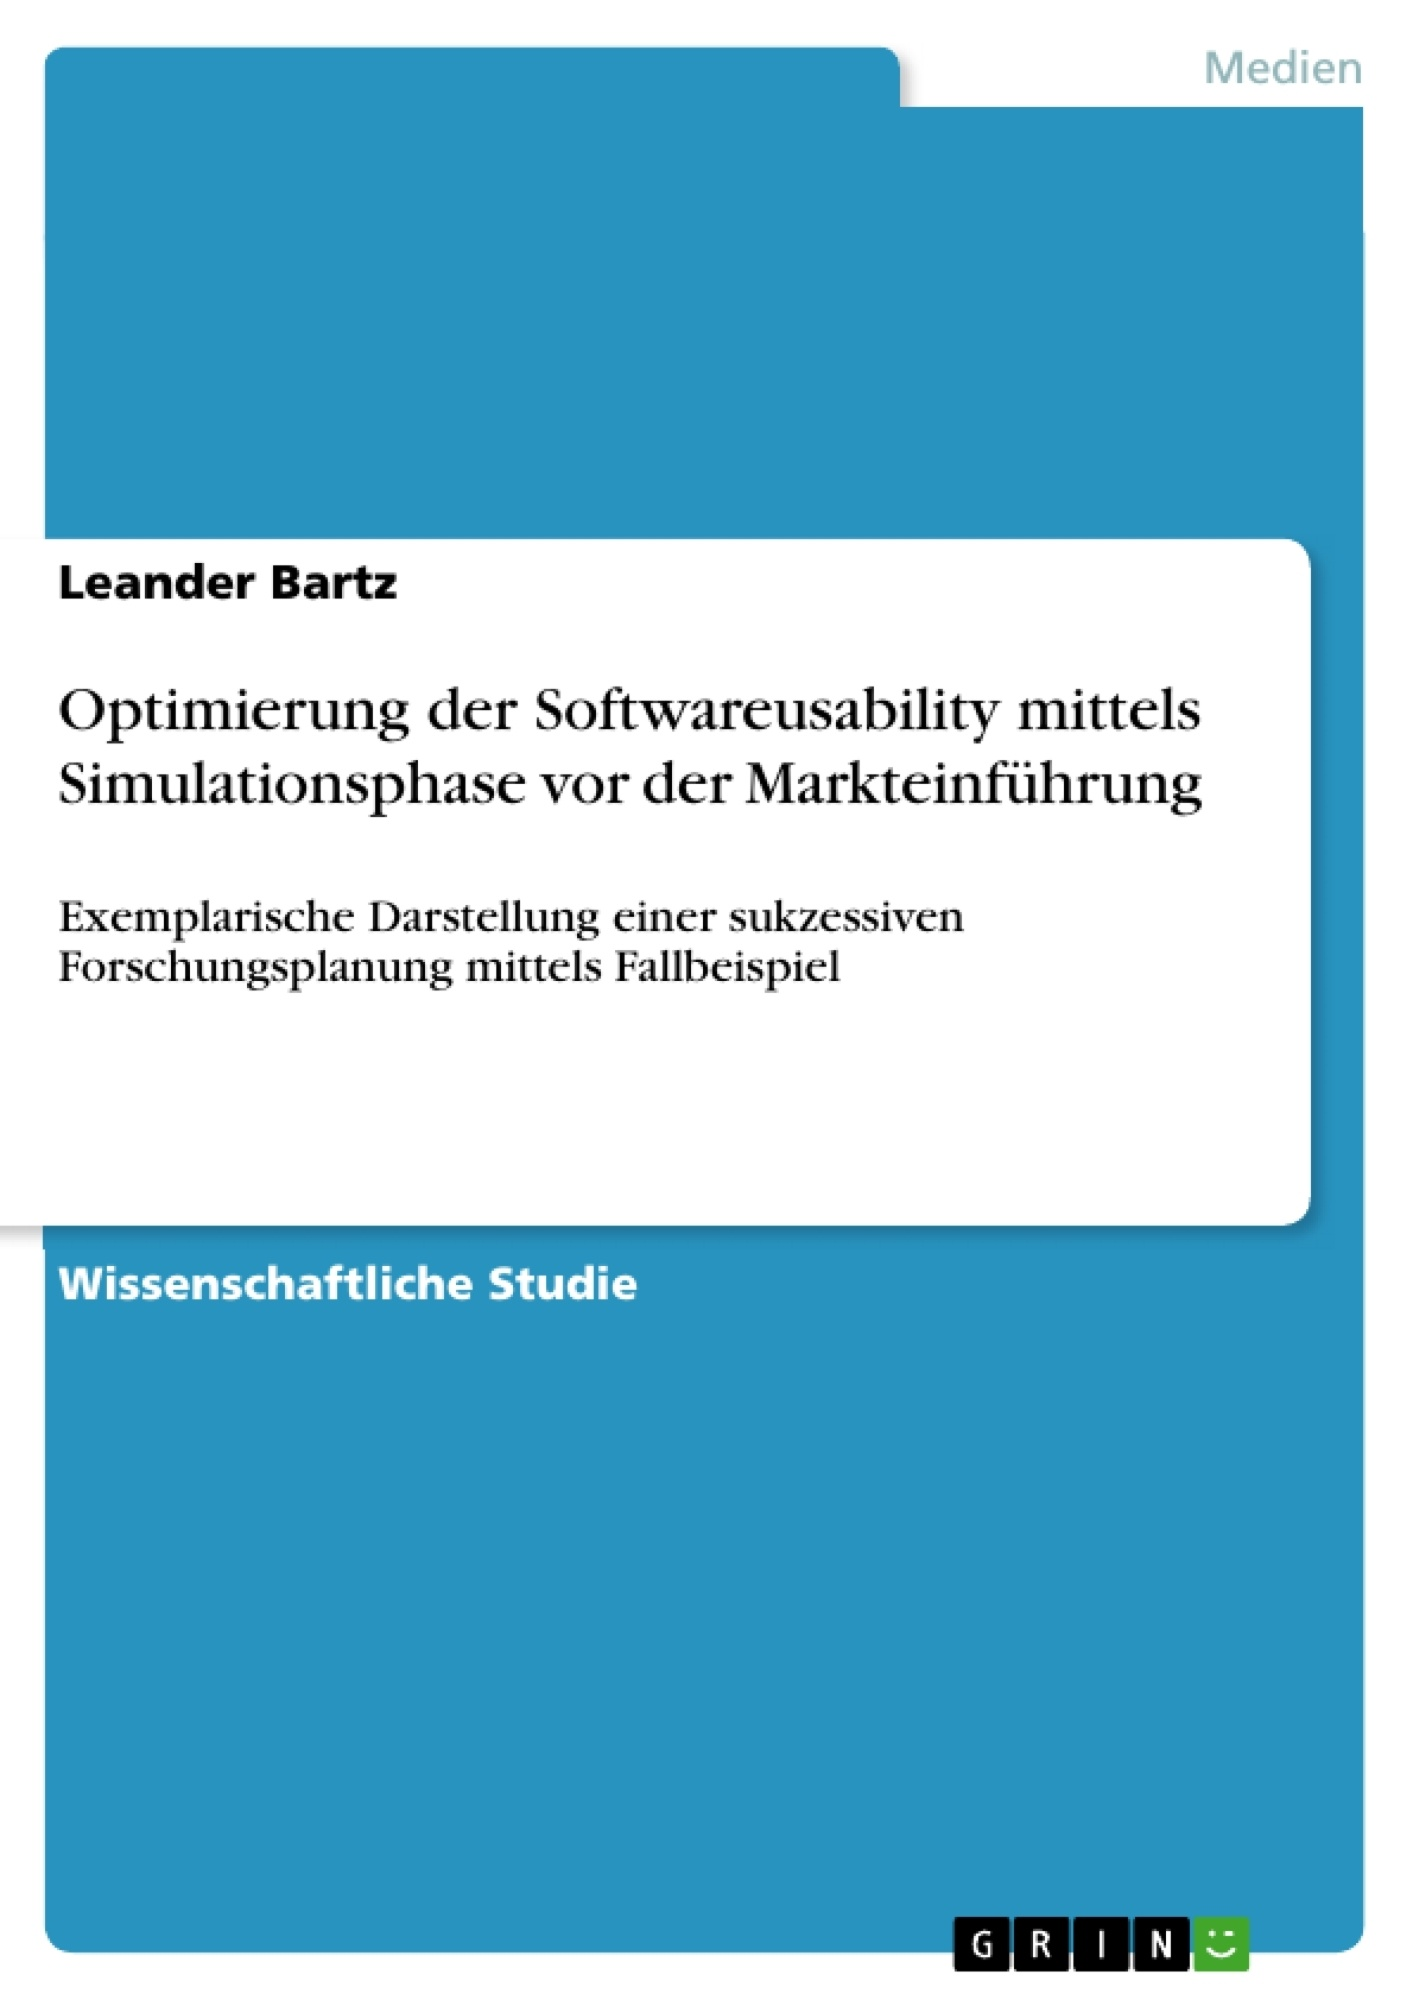 Titel: Optimierung der Softwareusability mittels Simulationsphase vor der Markteinführung